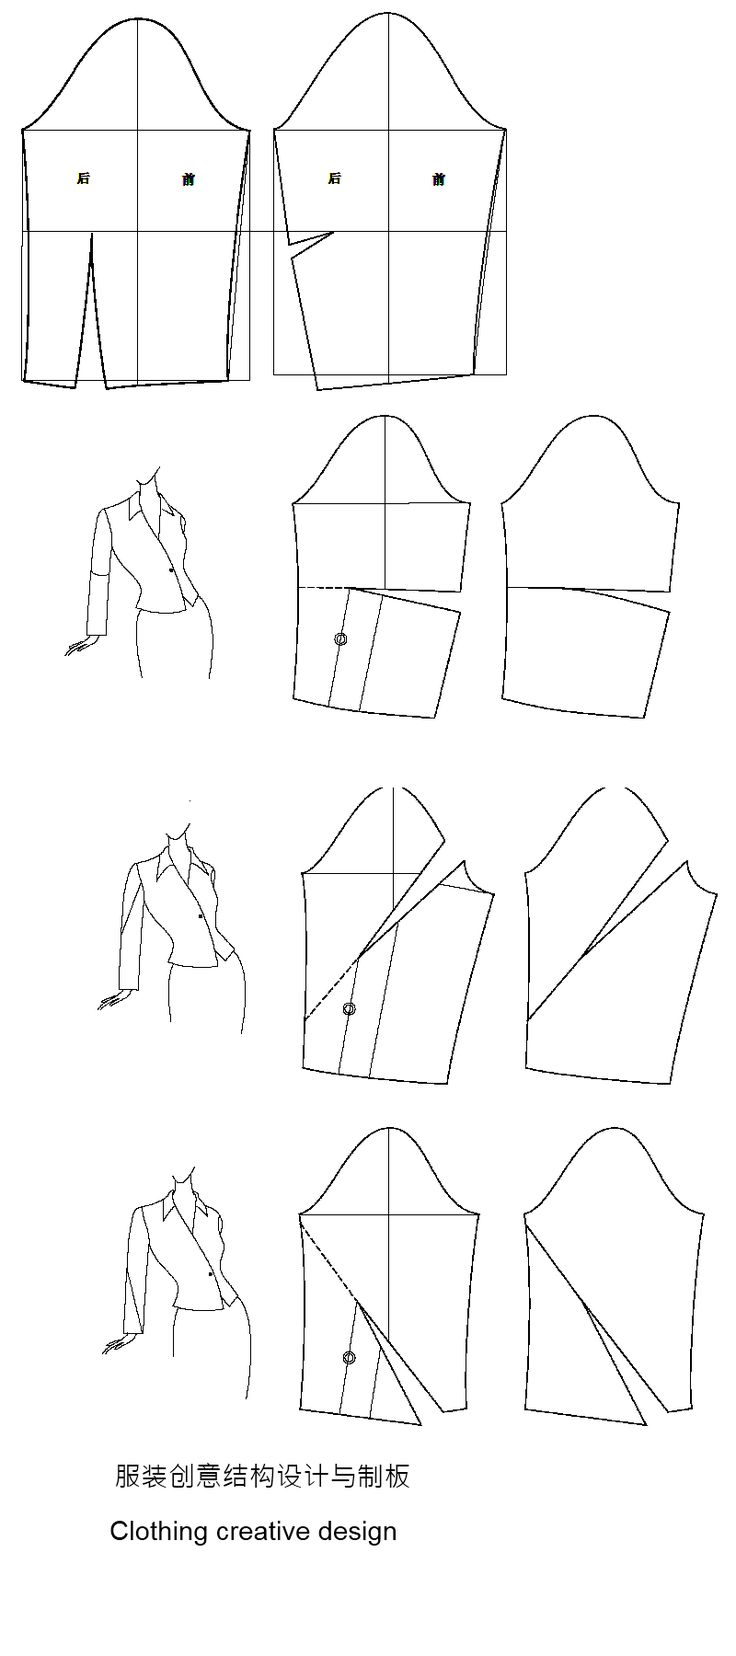 Clothing creative design - vma.